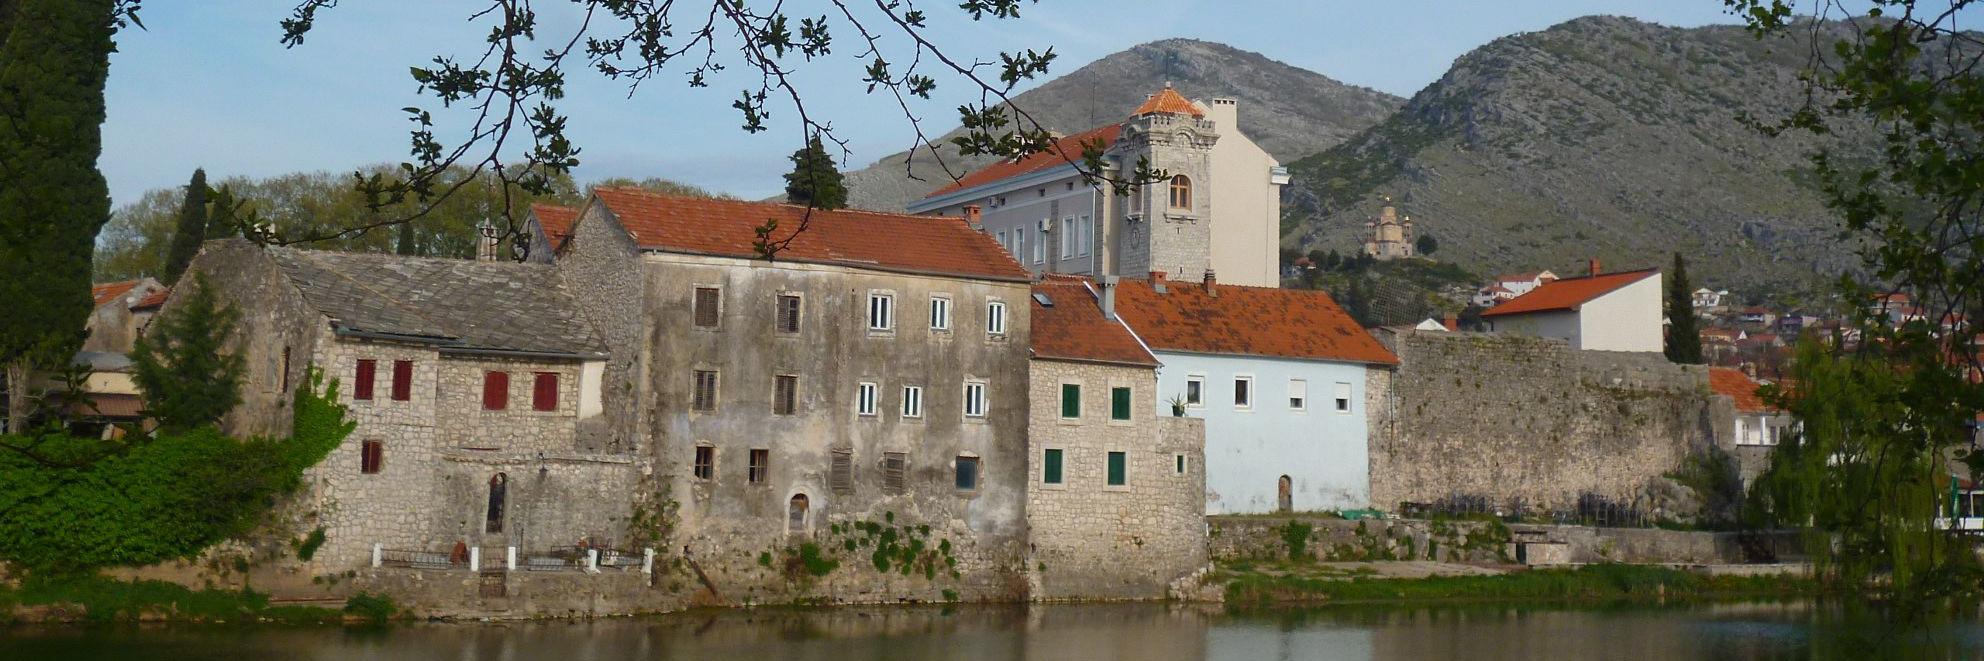 Экскурсия: Требине, монастыри и пещера Ветреница